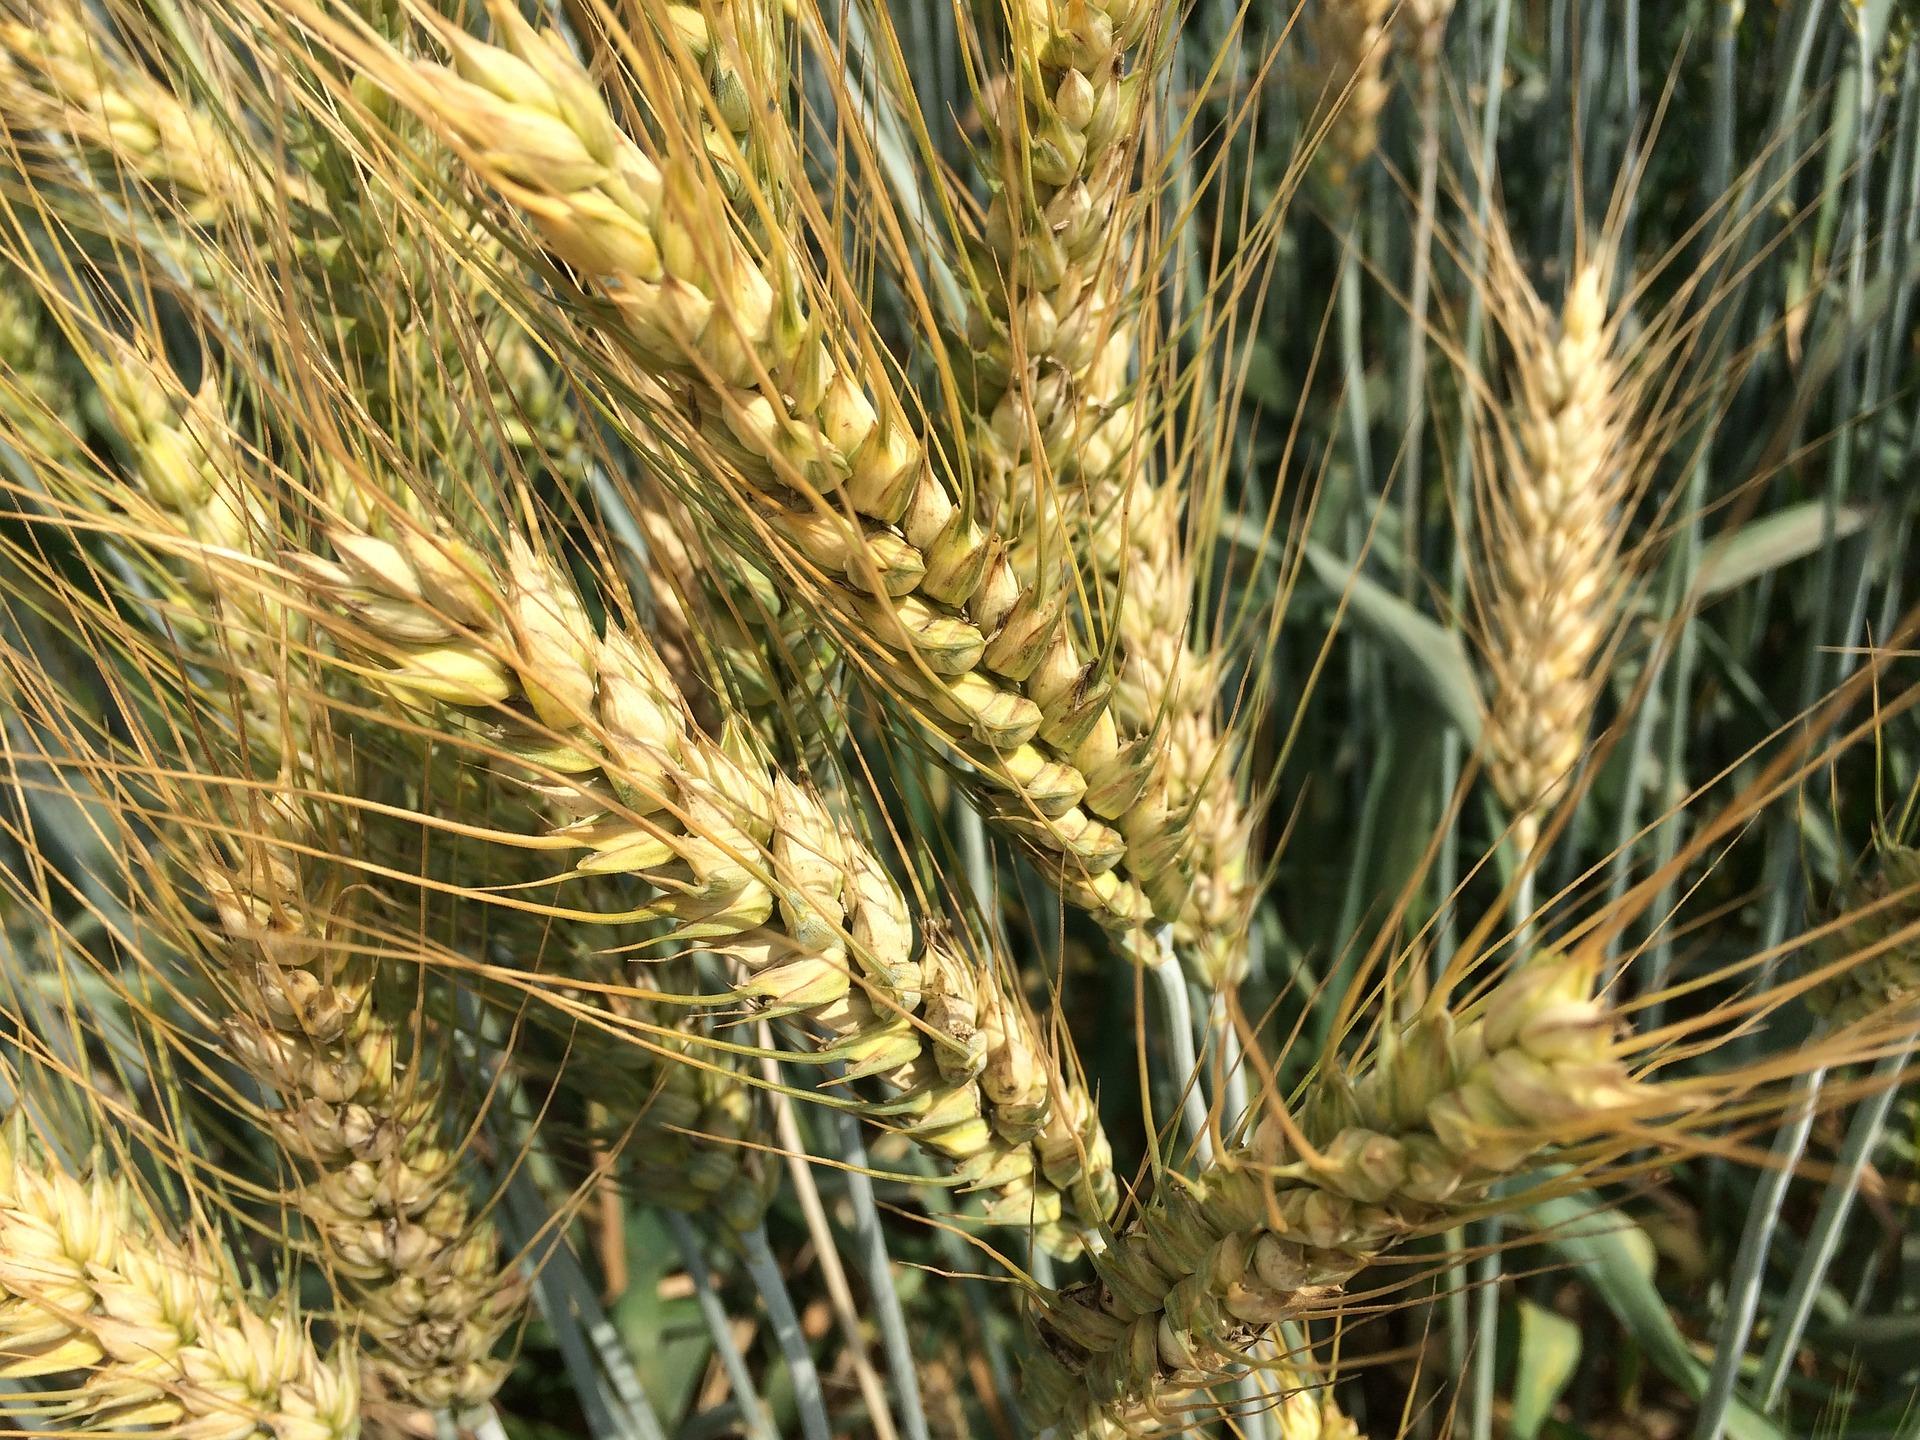 В 2019/20 МР «Аграрний фонд» законтрактував по форвардам 95 тис. тонн зернових